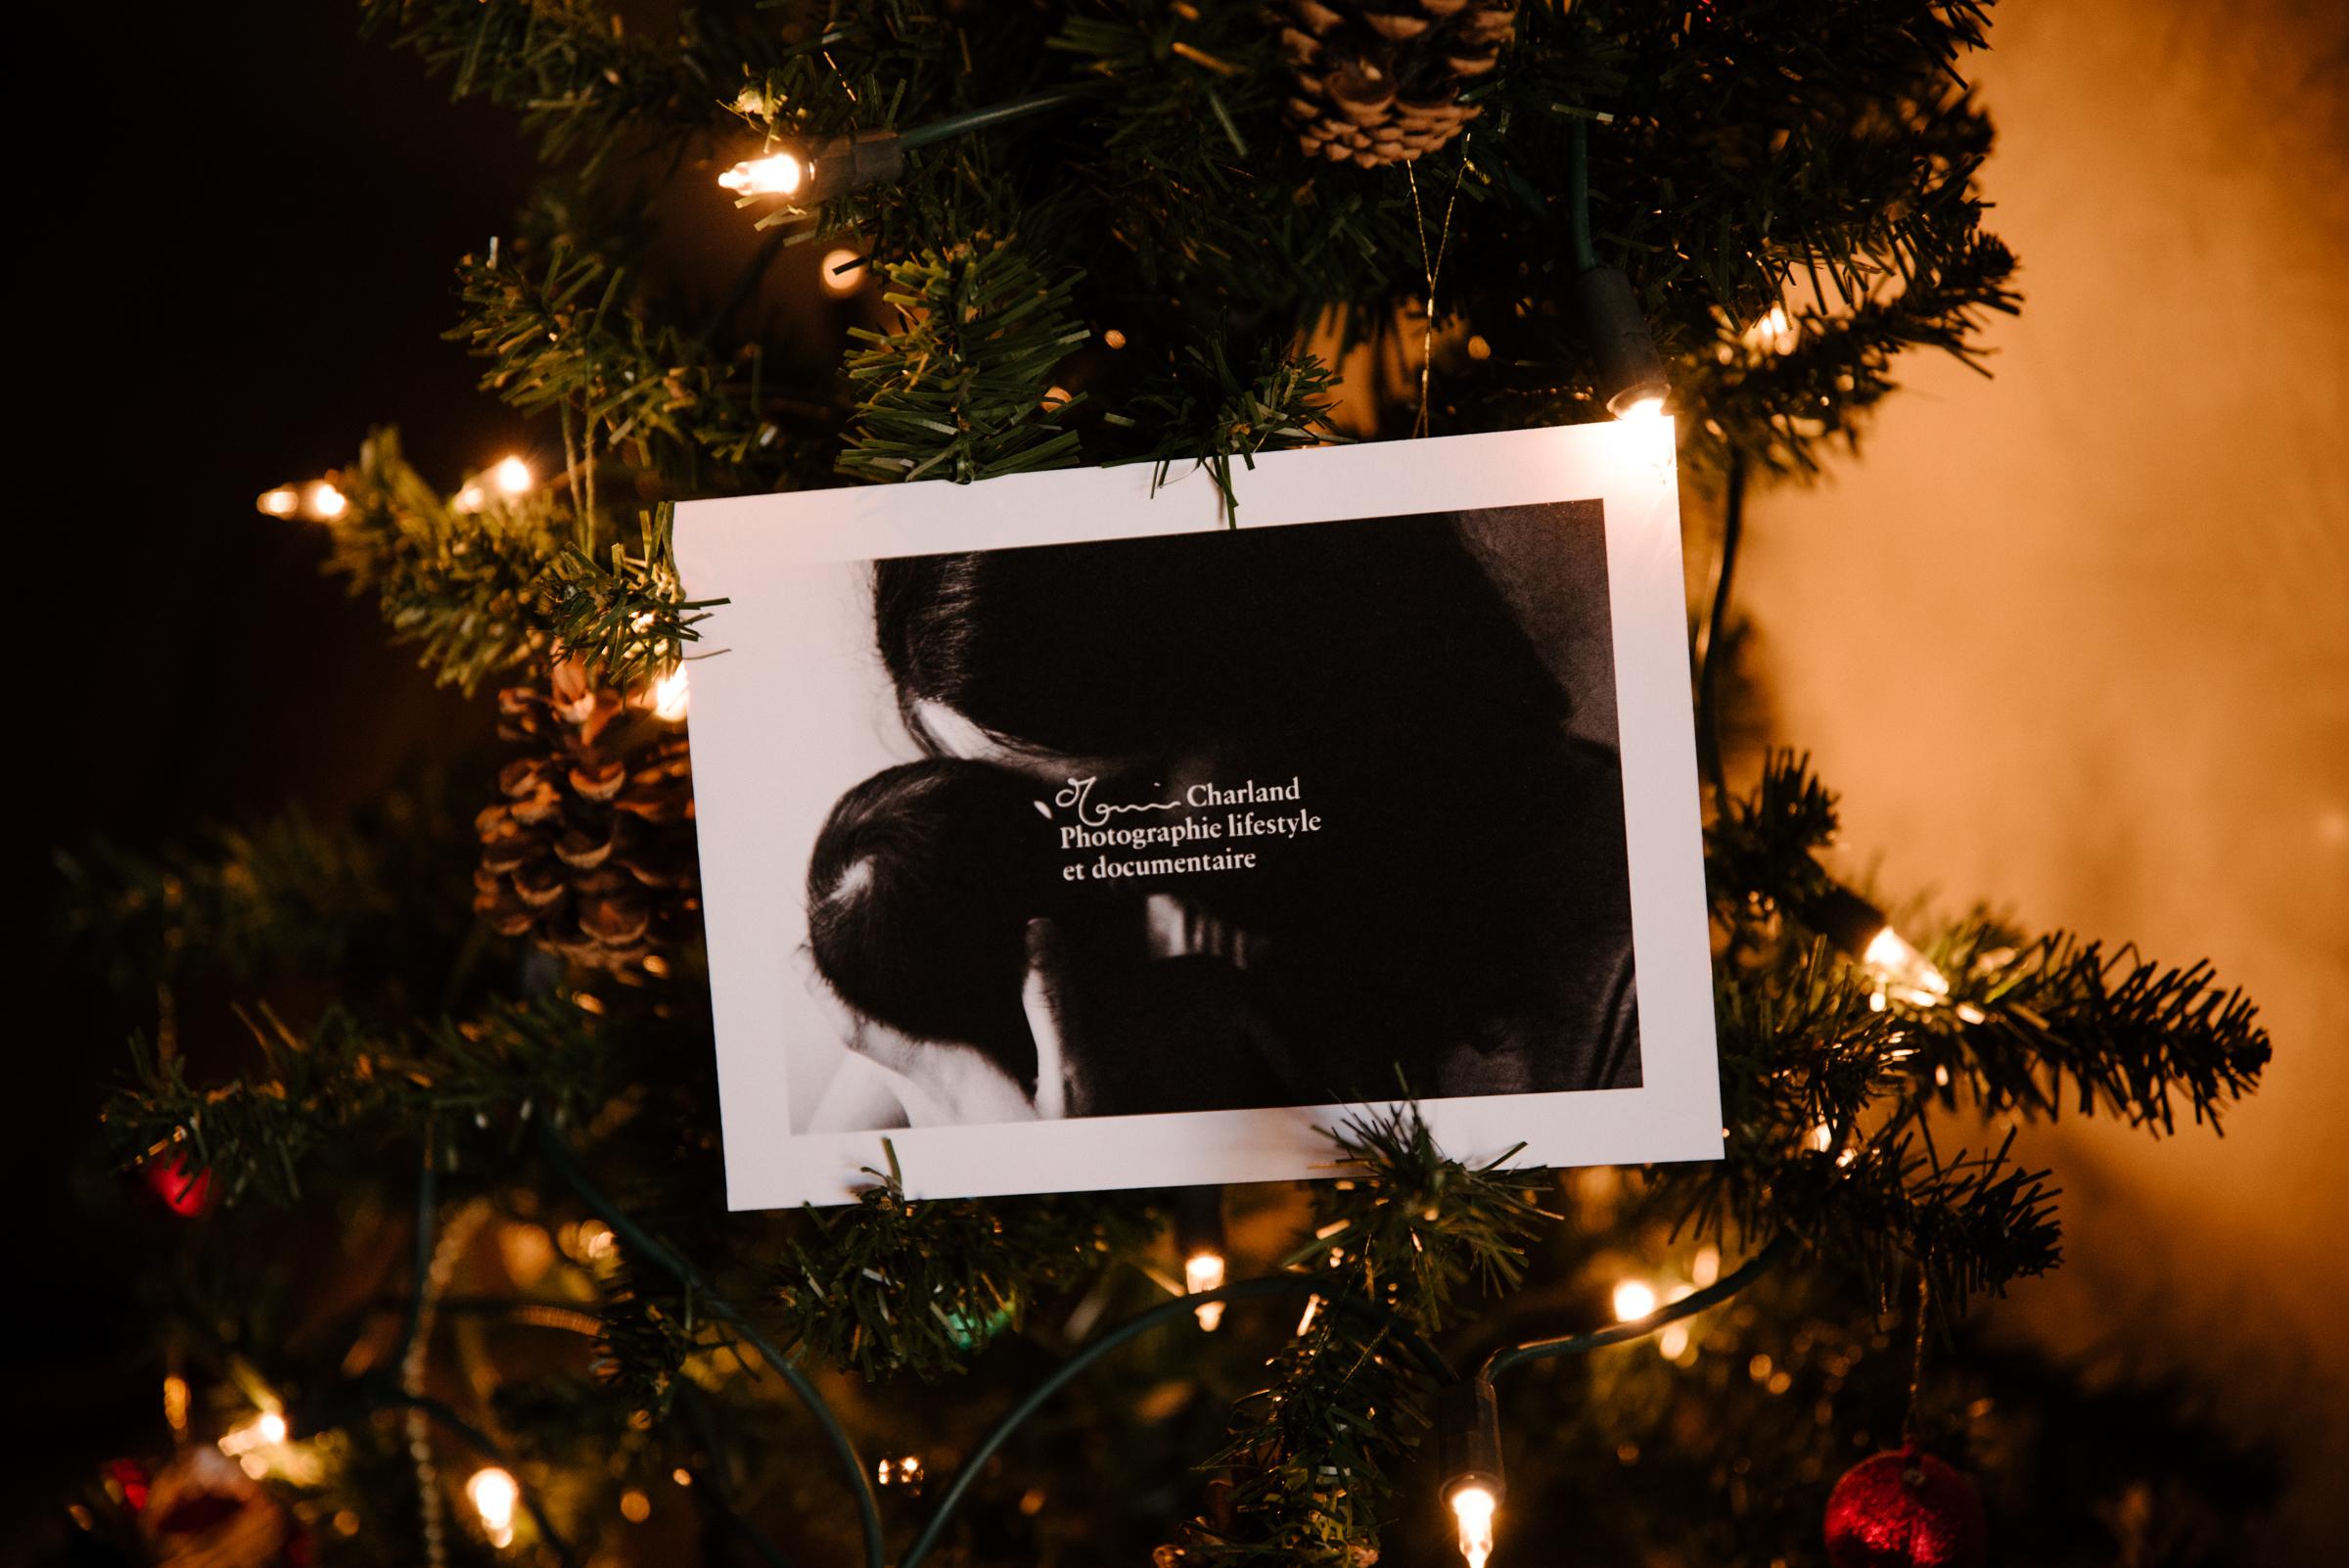 015-photo-d-un-certificat-cadeau-pour-seance-photo-photographe-lifestyle-famille-a-montreal-1296.jpg